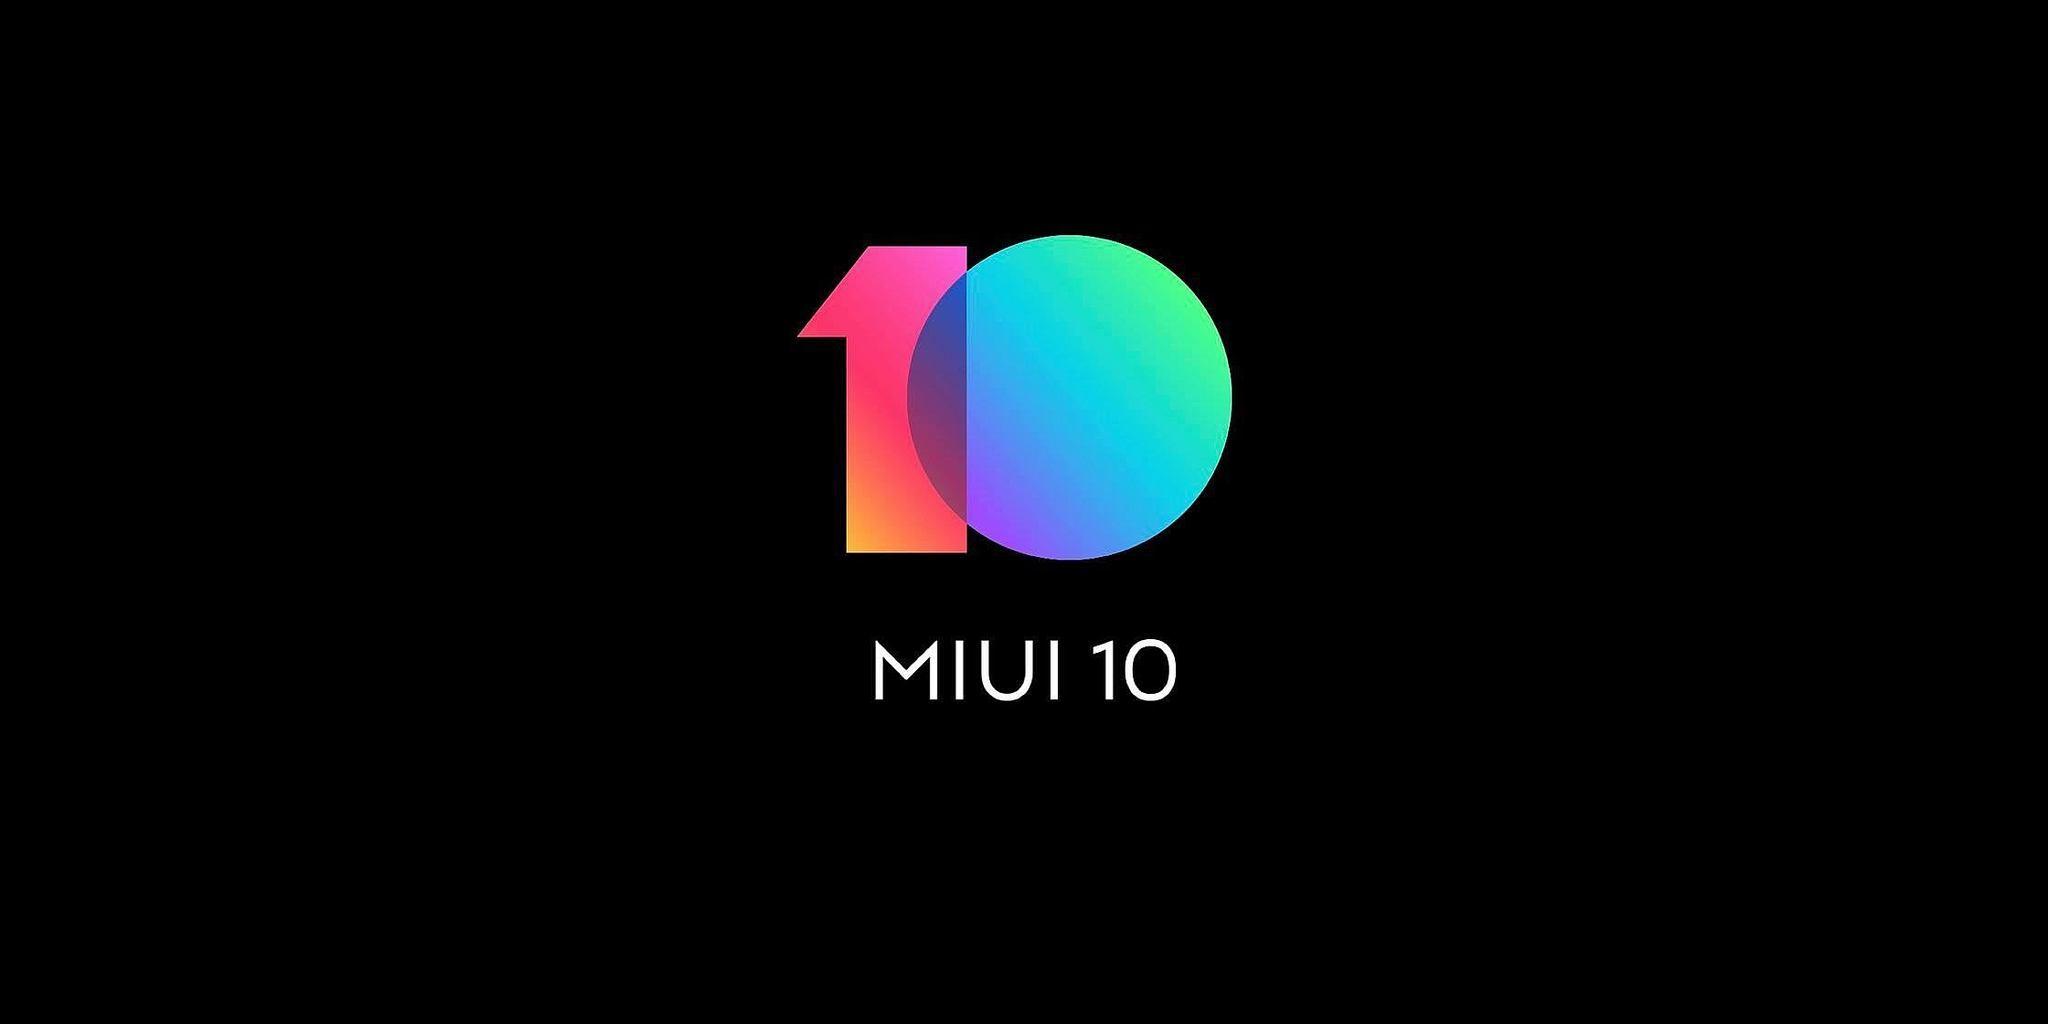 MIUI 10 update 8.6.6